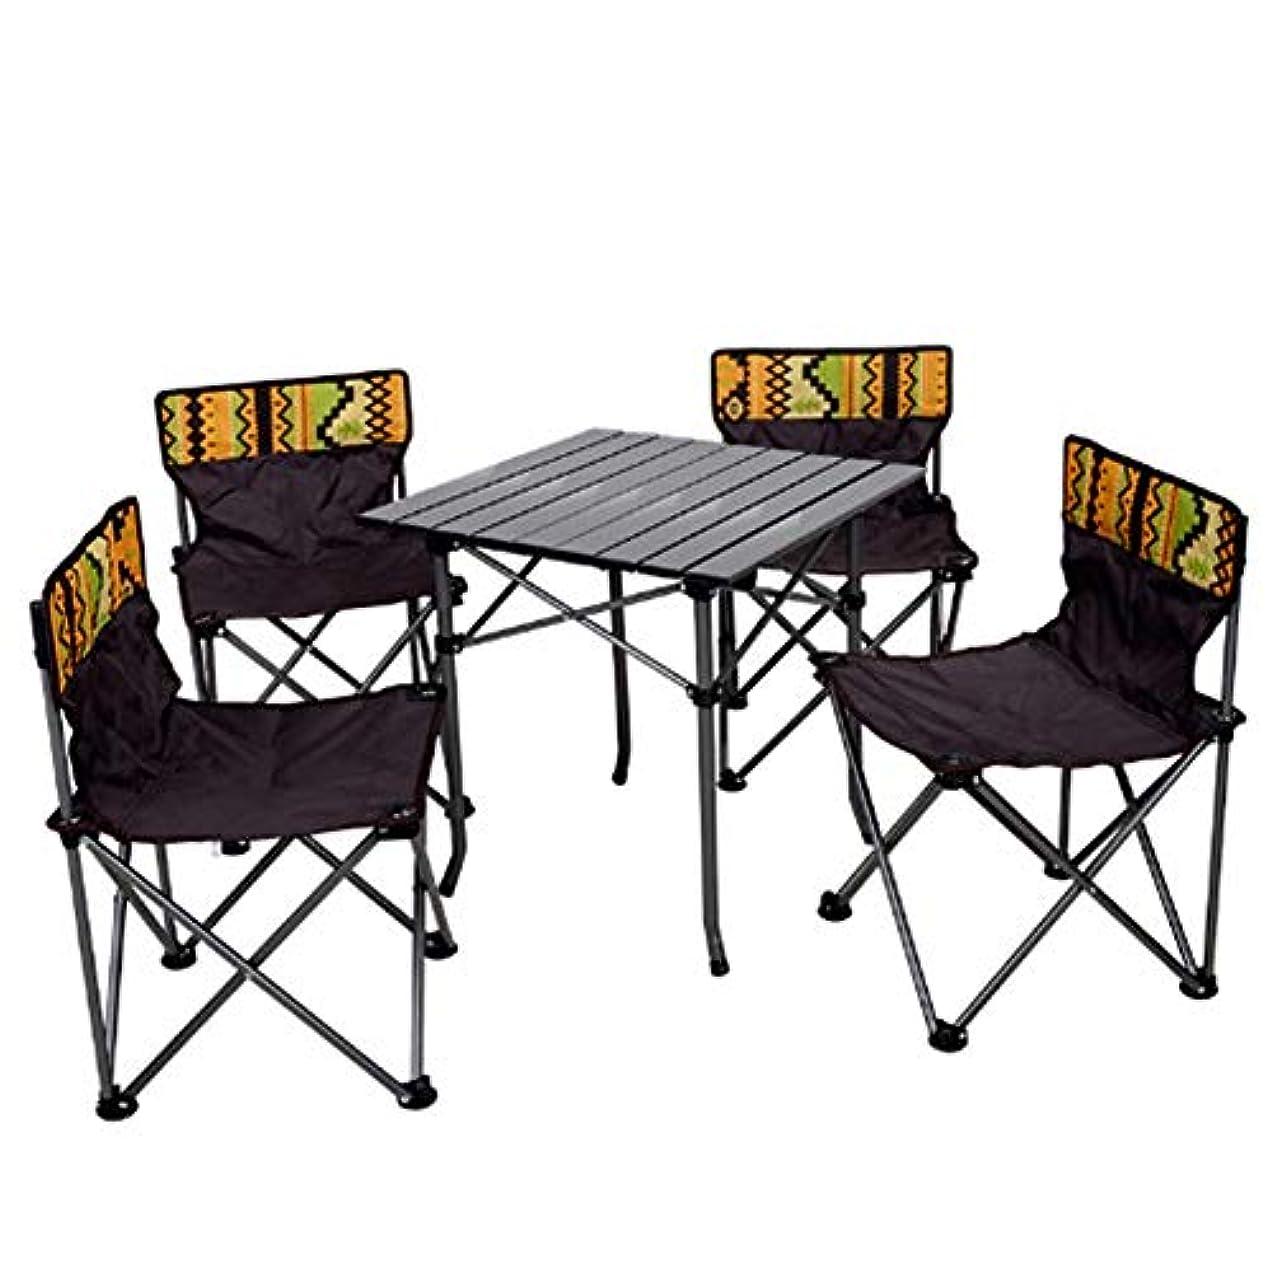 定常はしご調和のとれたSAKEY 折り畳みテーブル&チェア5件セット 組み立て簡単 軽量で持ち運び便利 収納バッグ付き キャンプ アウトドア